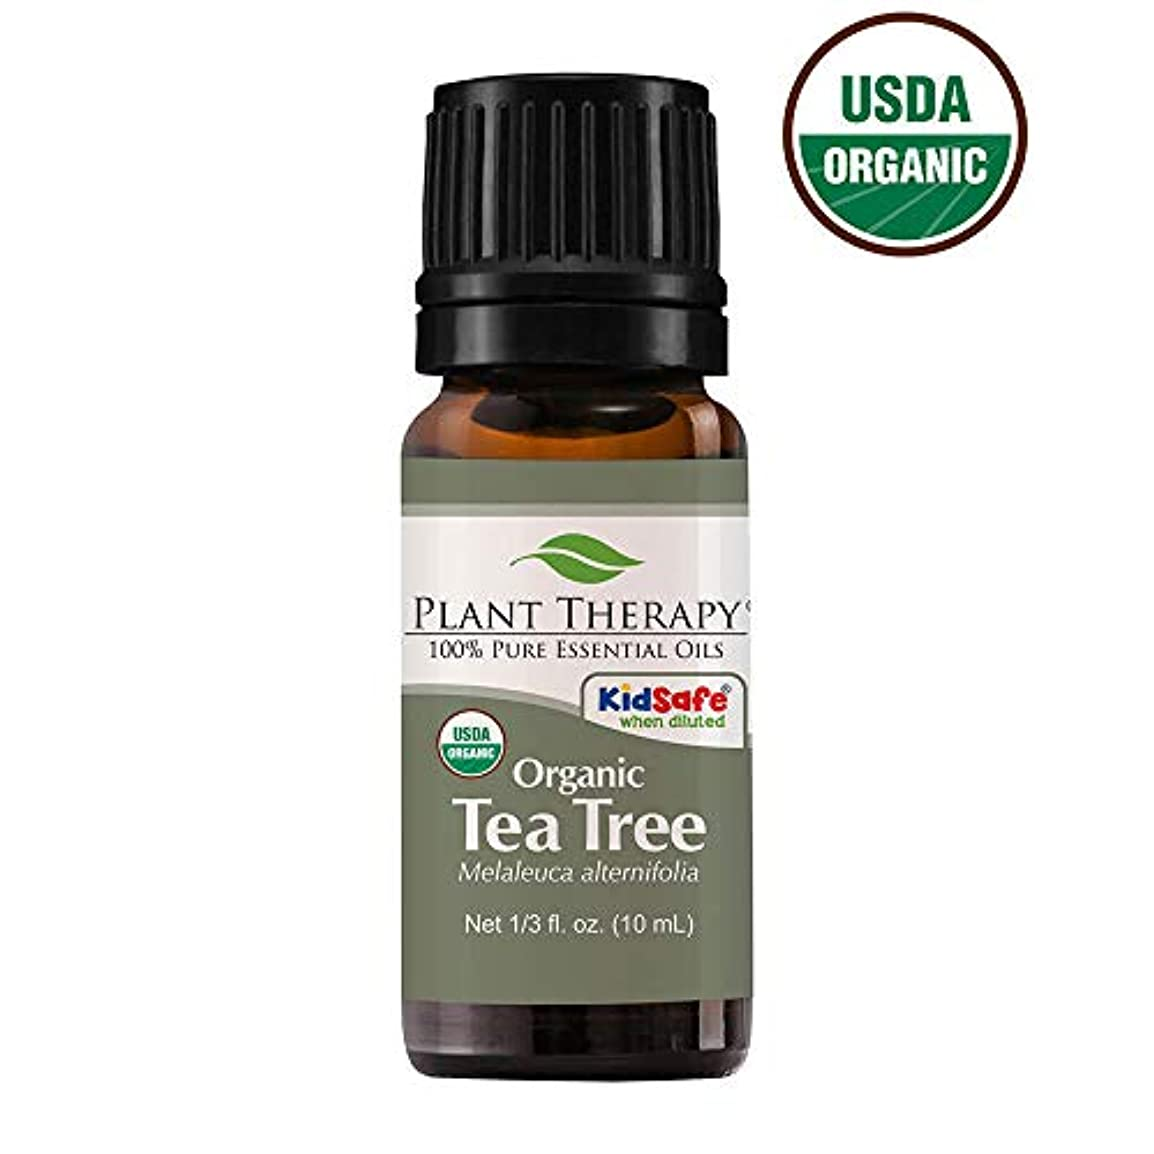 時制嵐昆虫を見るPlant Therapy Essential Oils (プラントセラピー エッセンシャルオイル) オーガニック ティーツリー (メラルーカ) エッセンシャルオイル